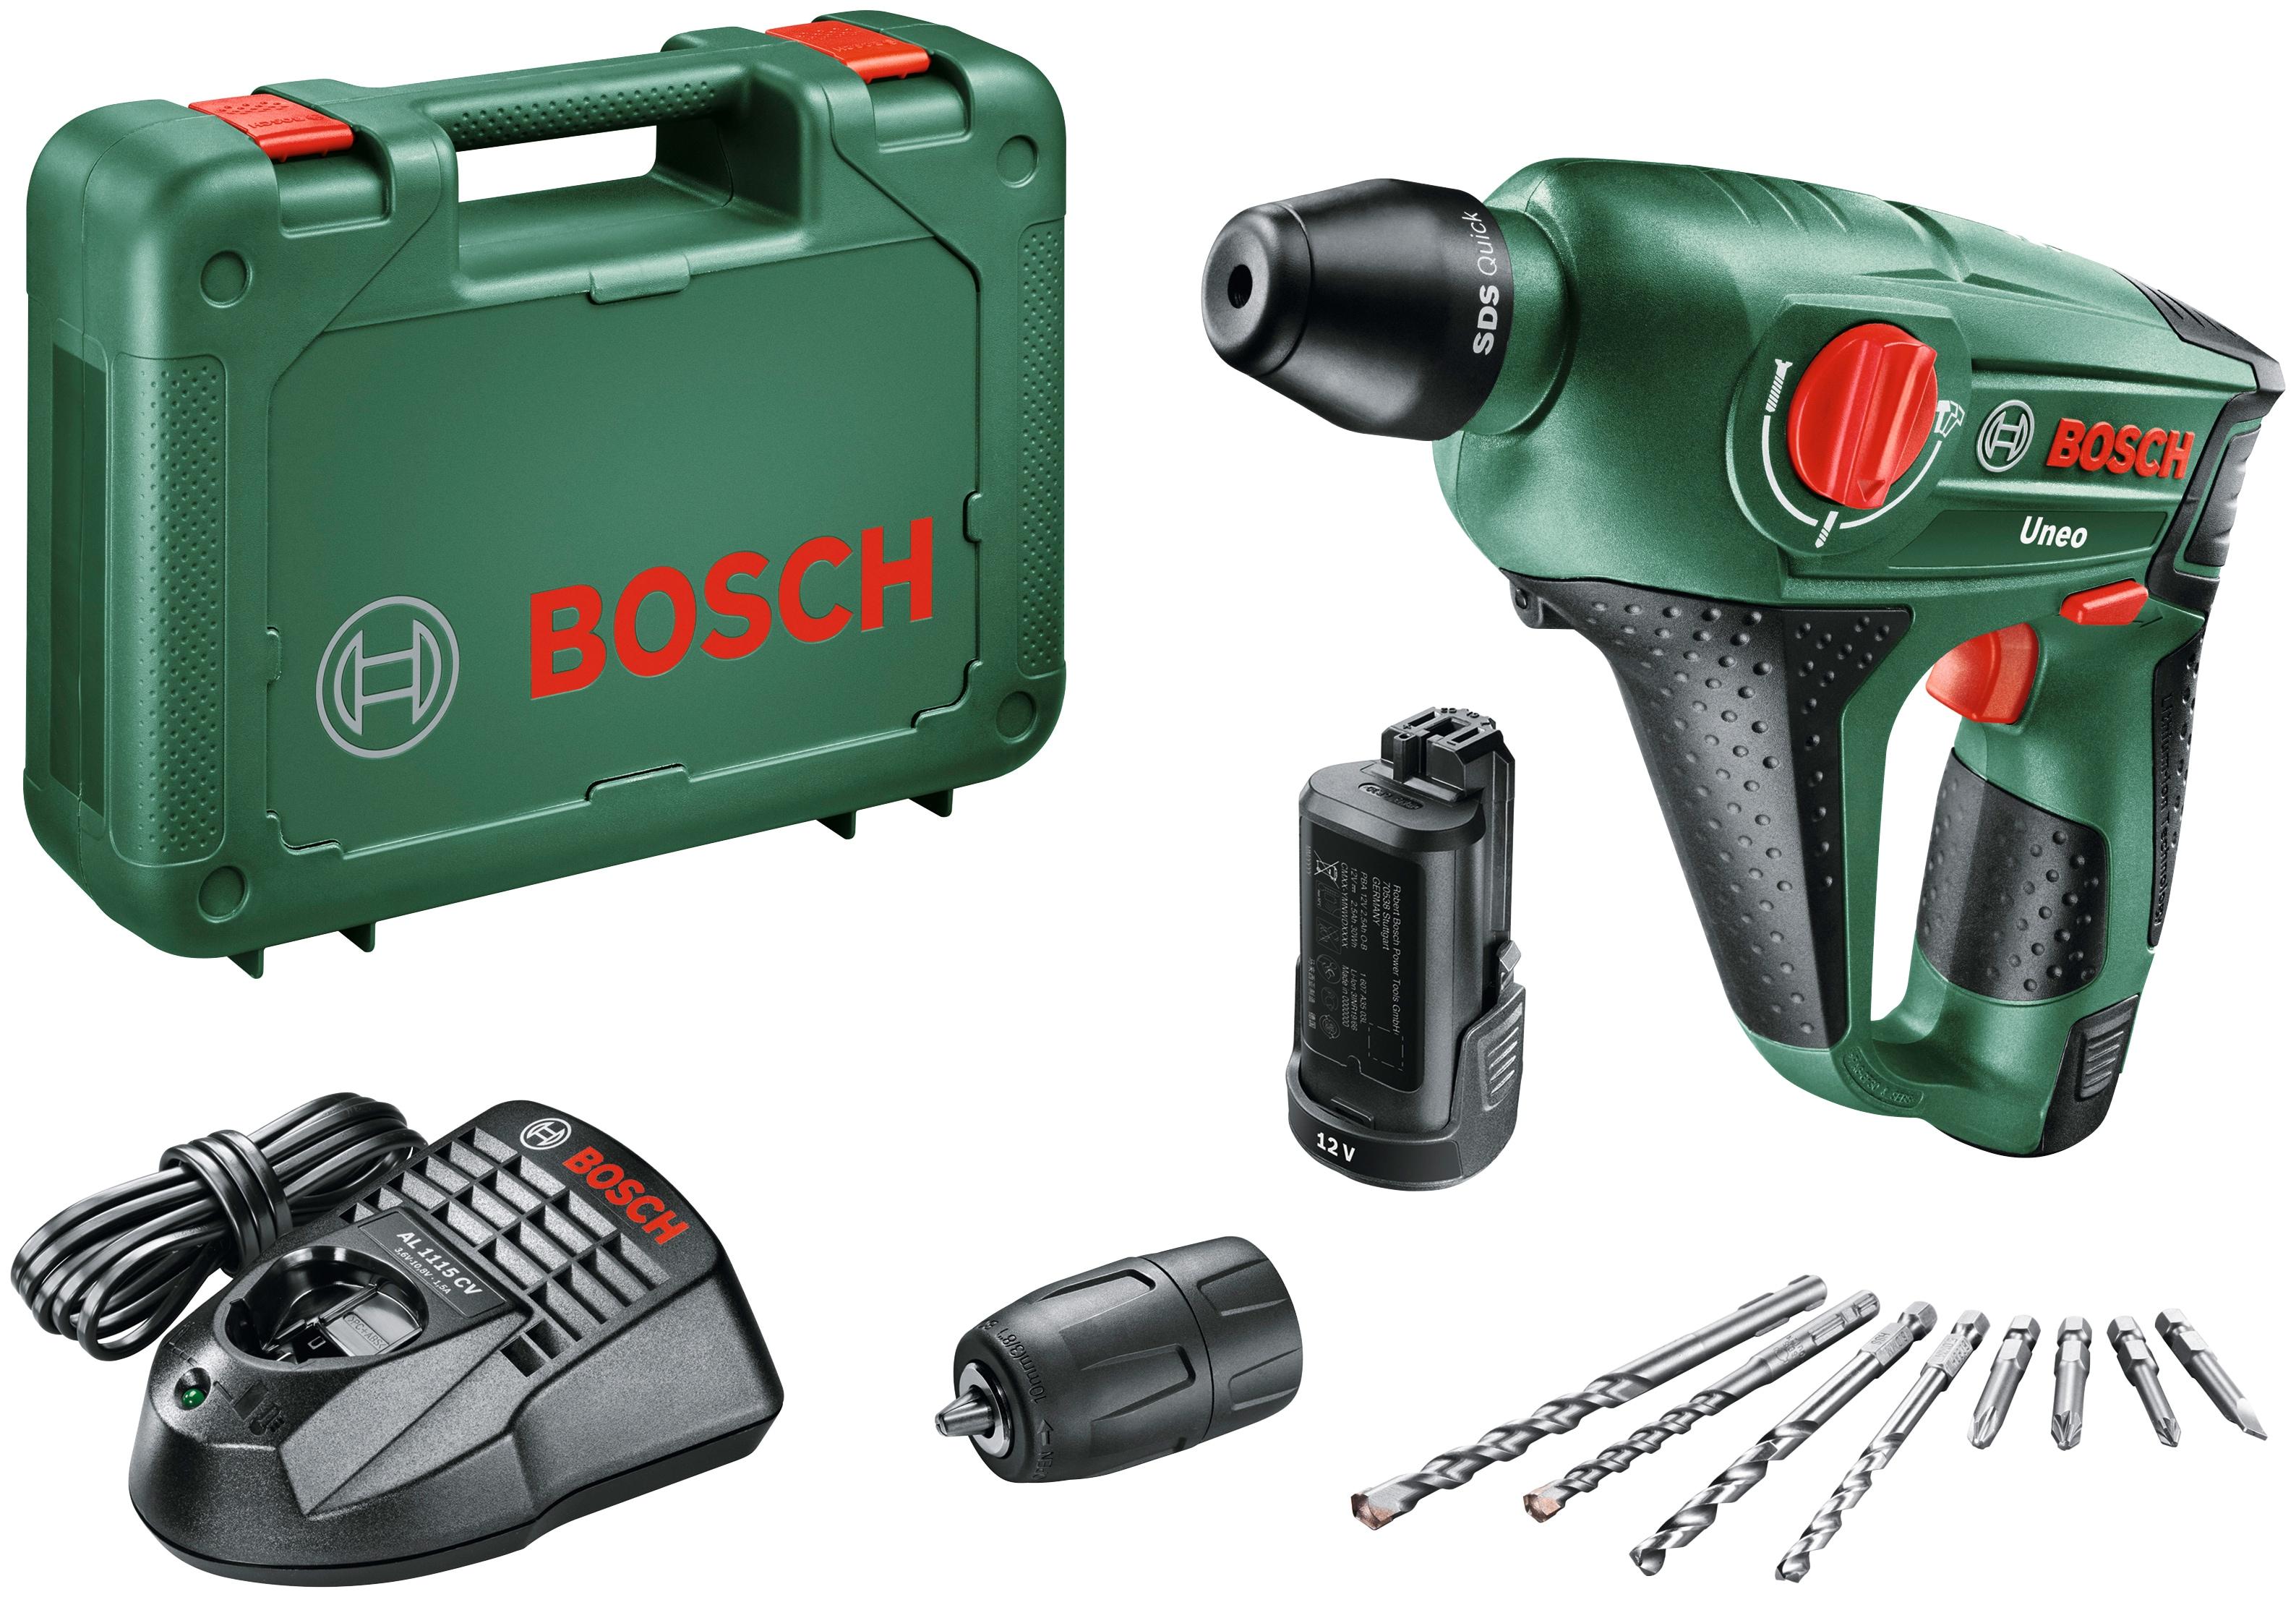 BOSCH Bohrhammer Uneo grün Bohrhämmer Werkzeug Maschinen